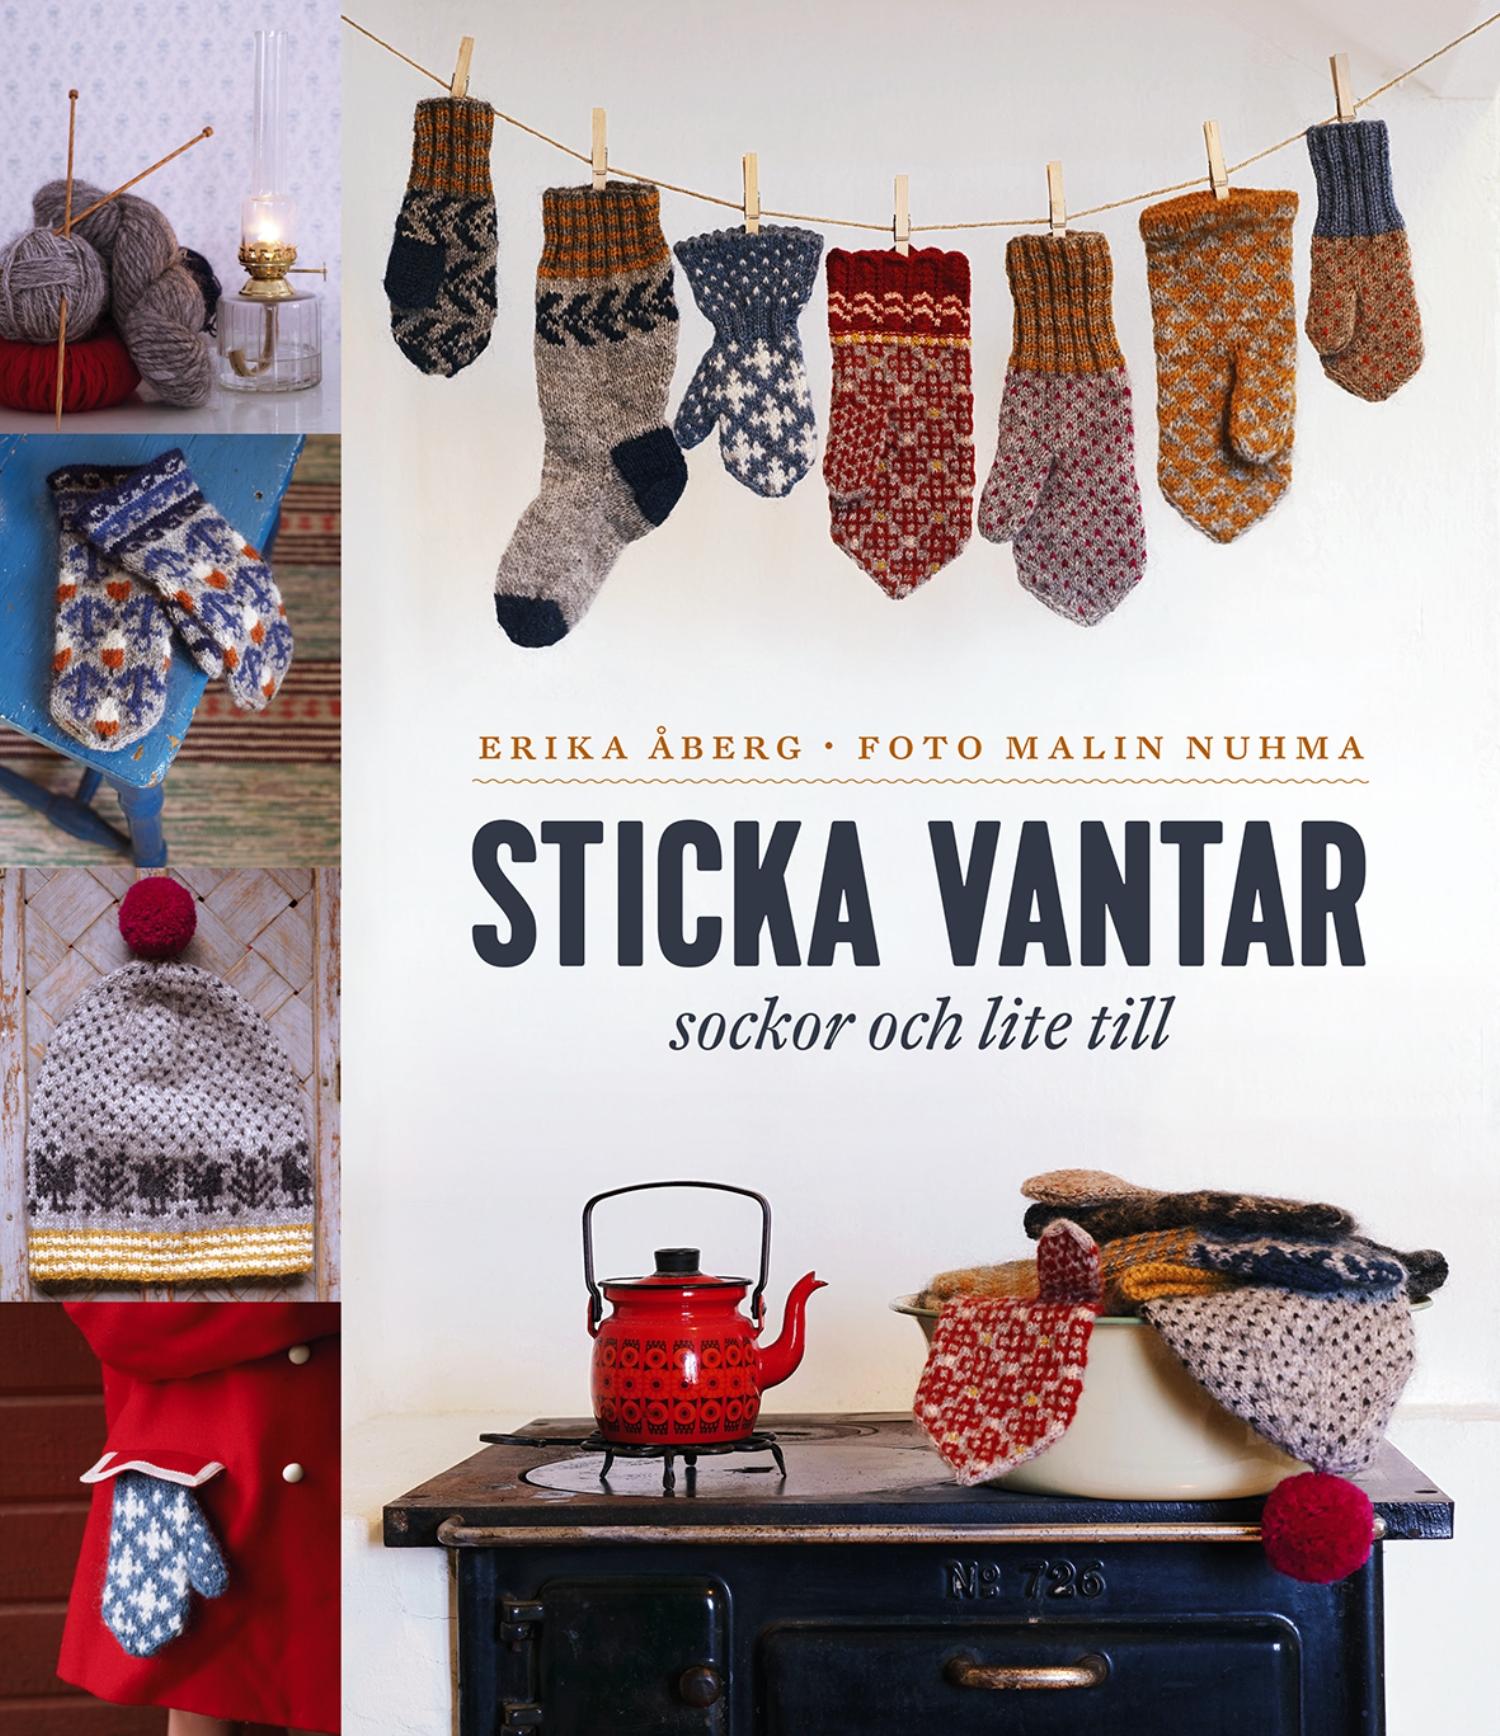 Boken Sticka vantar, sockor och lite till av Erika Åberg. (Foto Malin Nuhma)